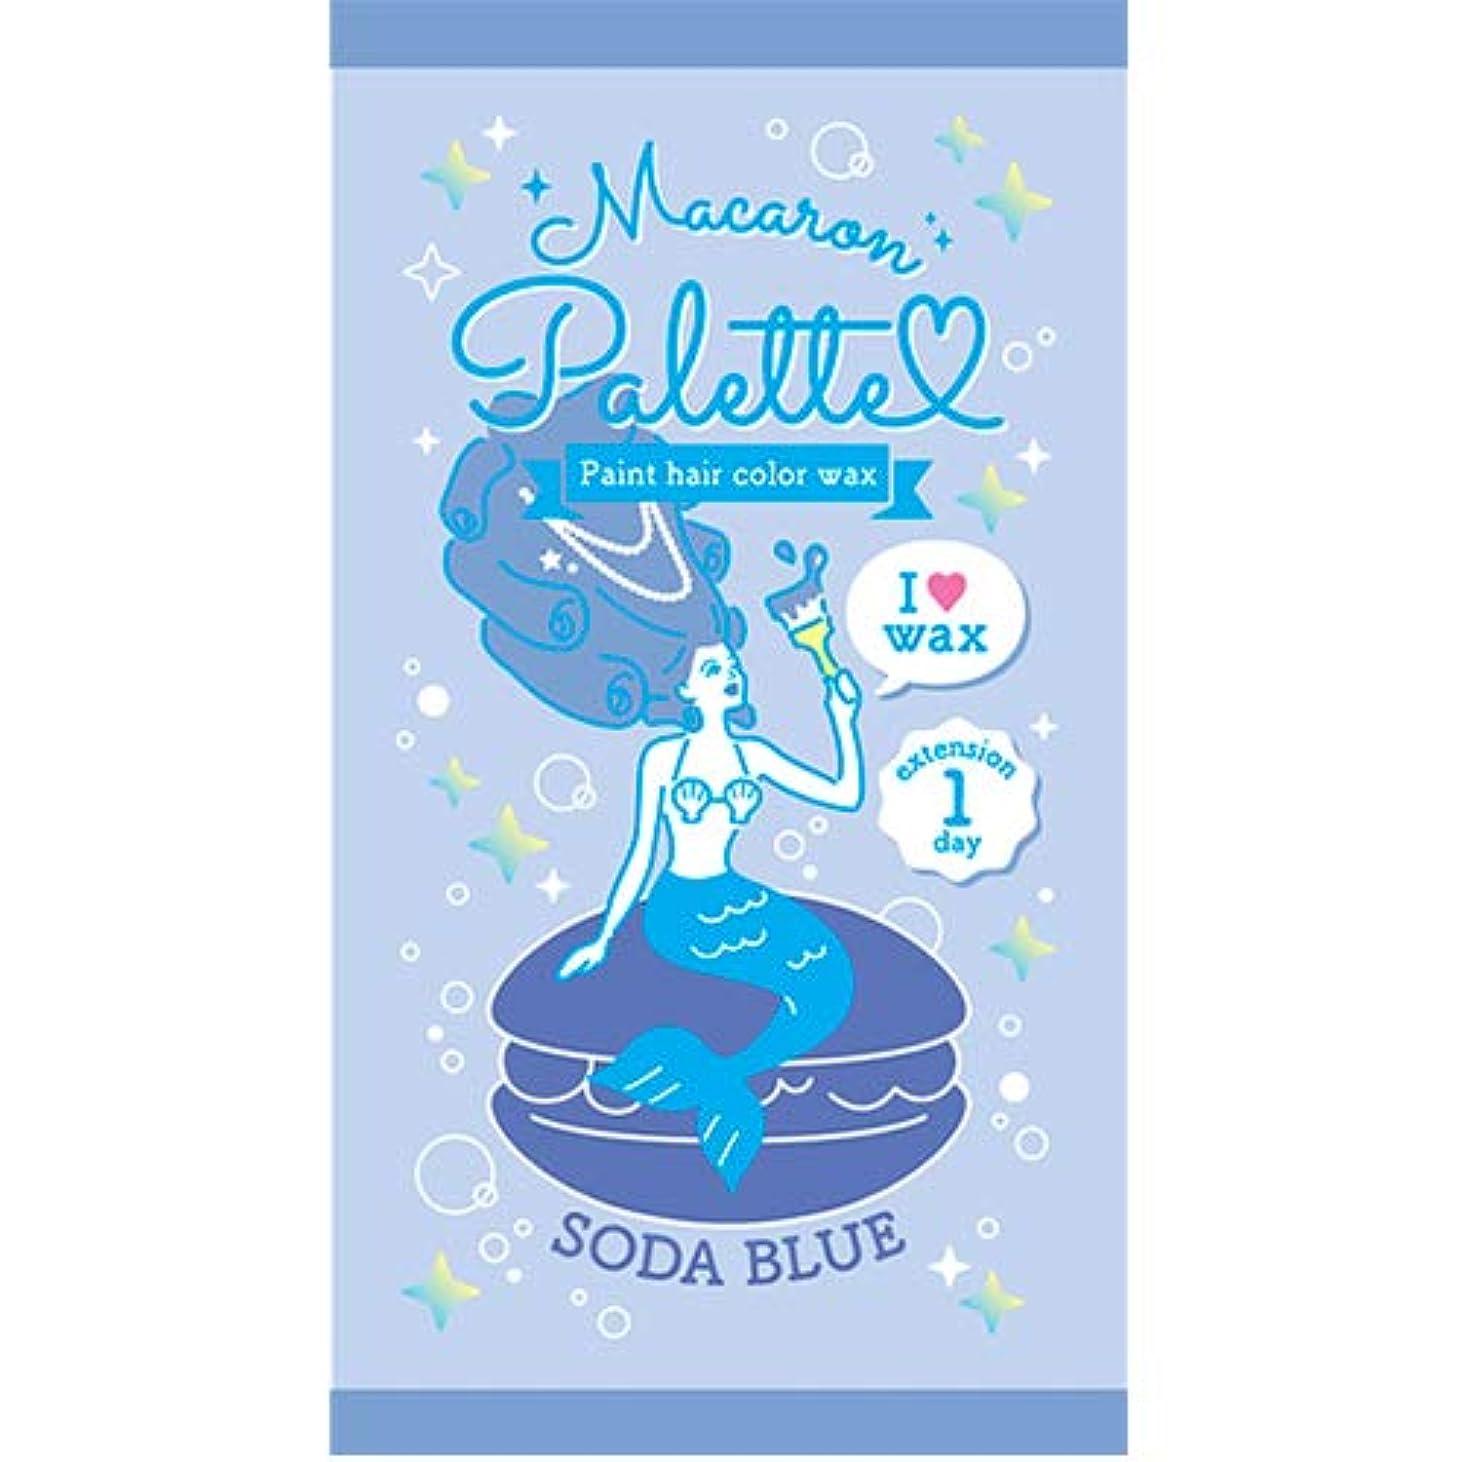 施設誤飢マカロンパレット カラーワックス SB (7g) ソーダブルー SODA BLUE